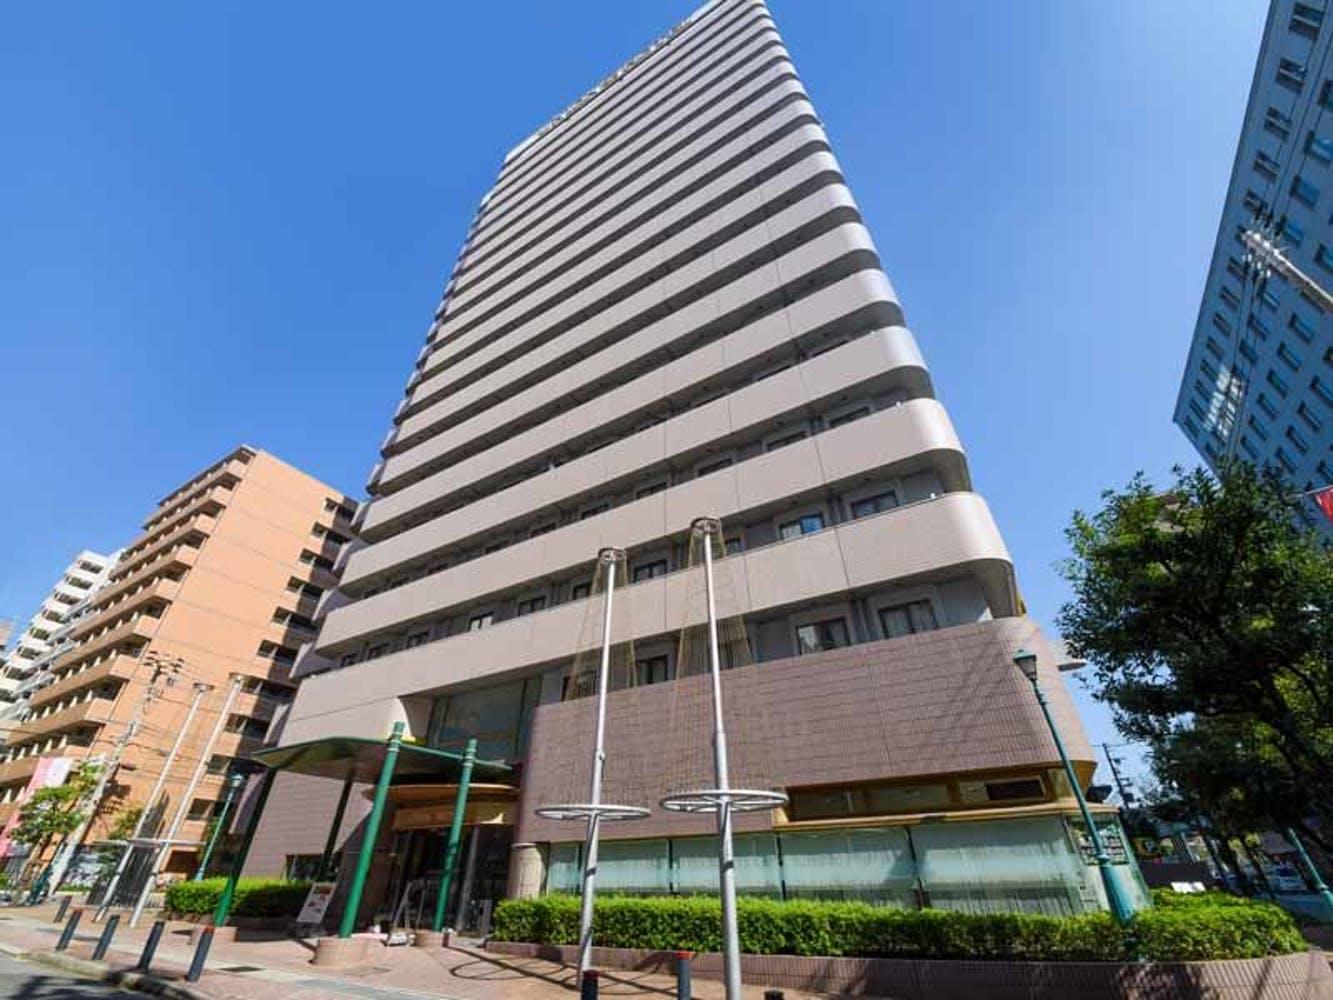 神戸三宮ユニオンホテル 写真1